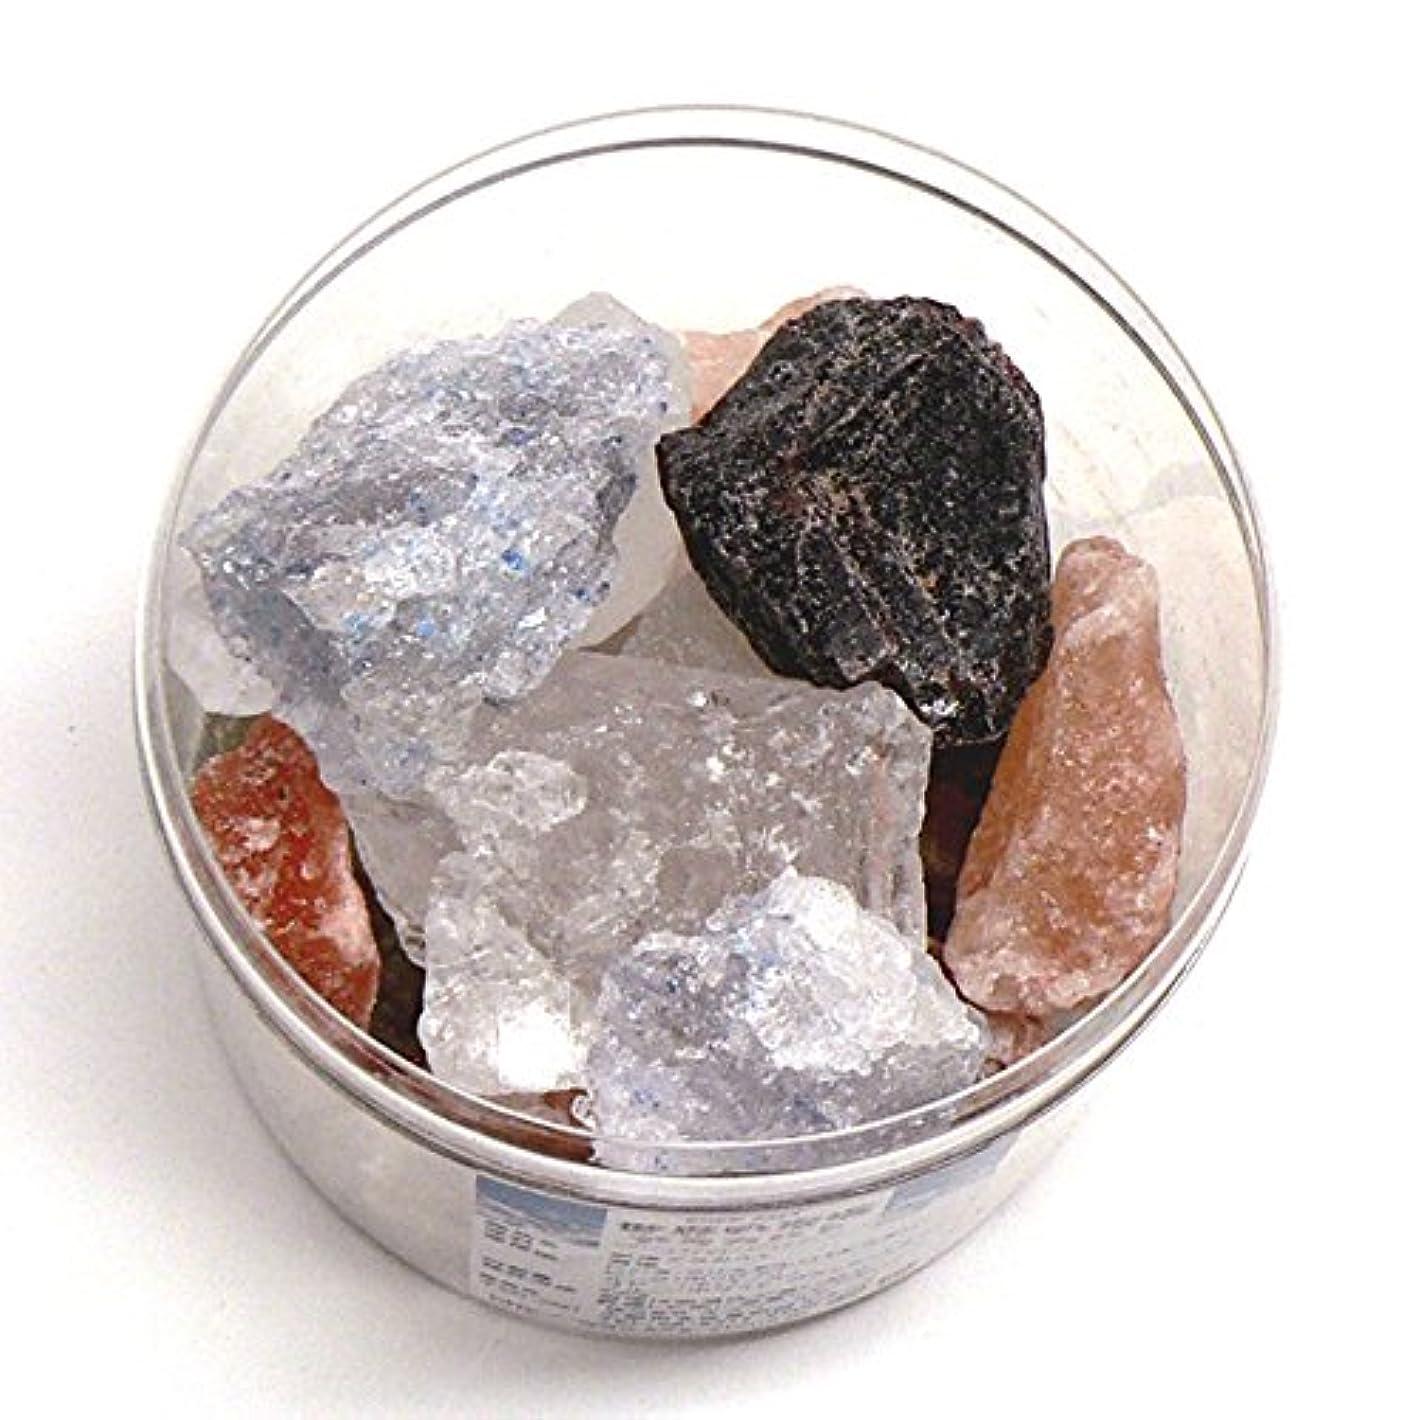 代わりにを立てるエチケット契約【おまかせ品】世界の岩塩 アラカルト ブルー岩塩 ヒマラヤ岩塩 アンデス岩塩